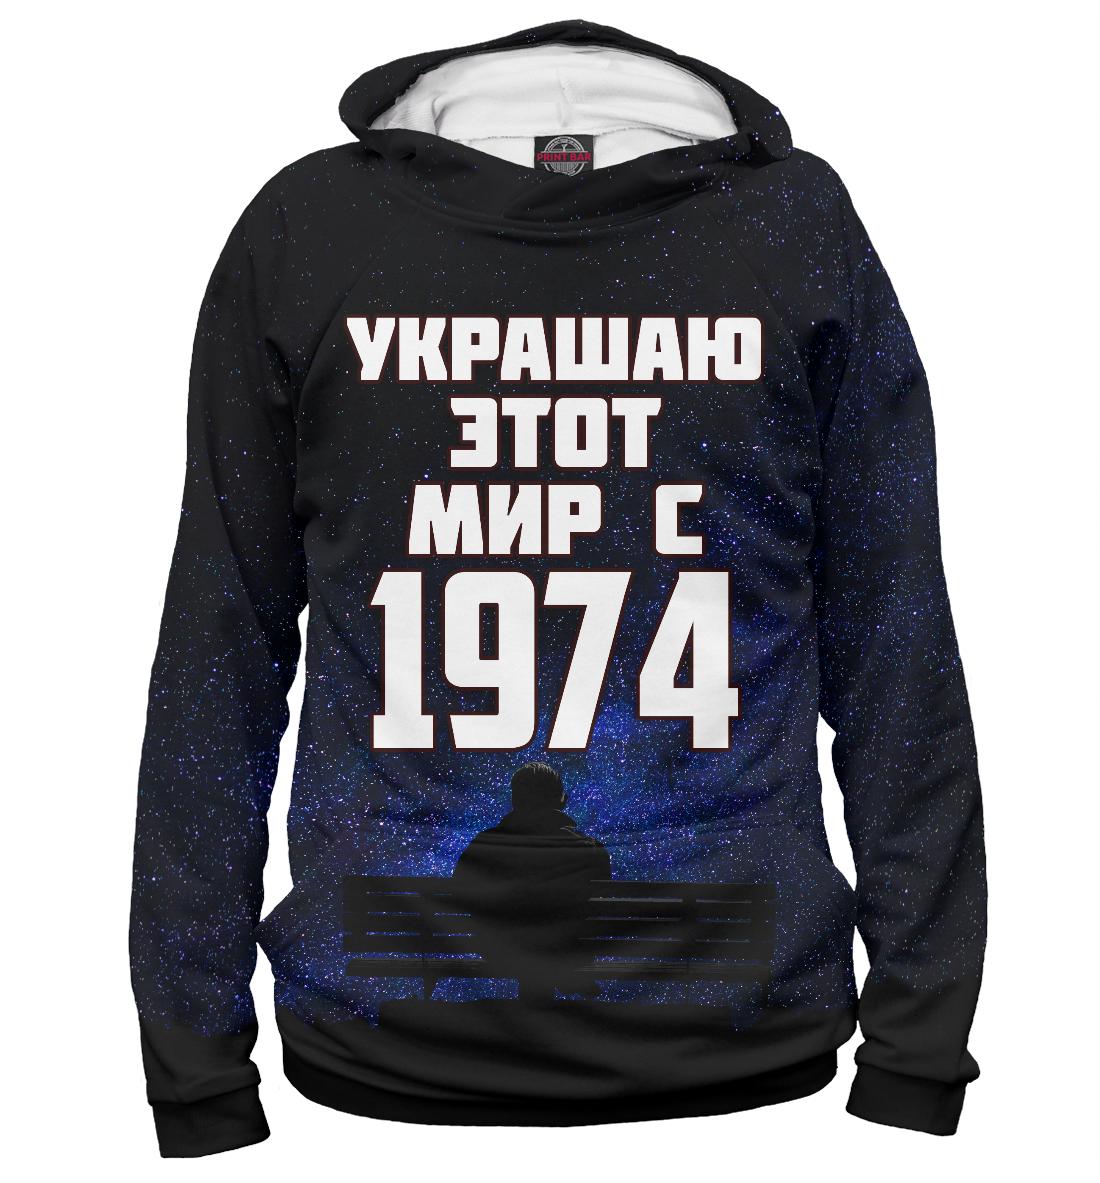 Купить Украшаю этот мир с 1974, Printbar, Худи, DSC-768631-hud-1